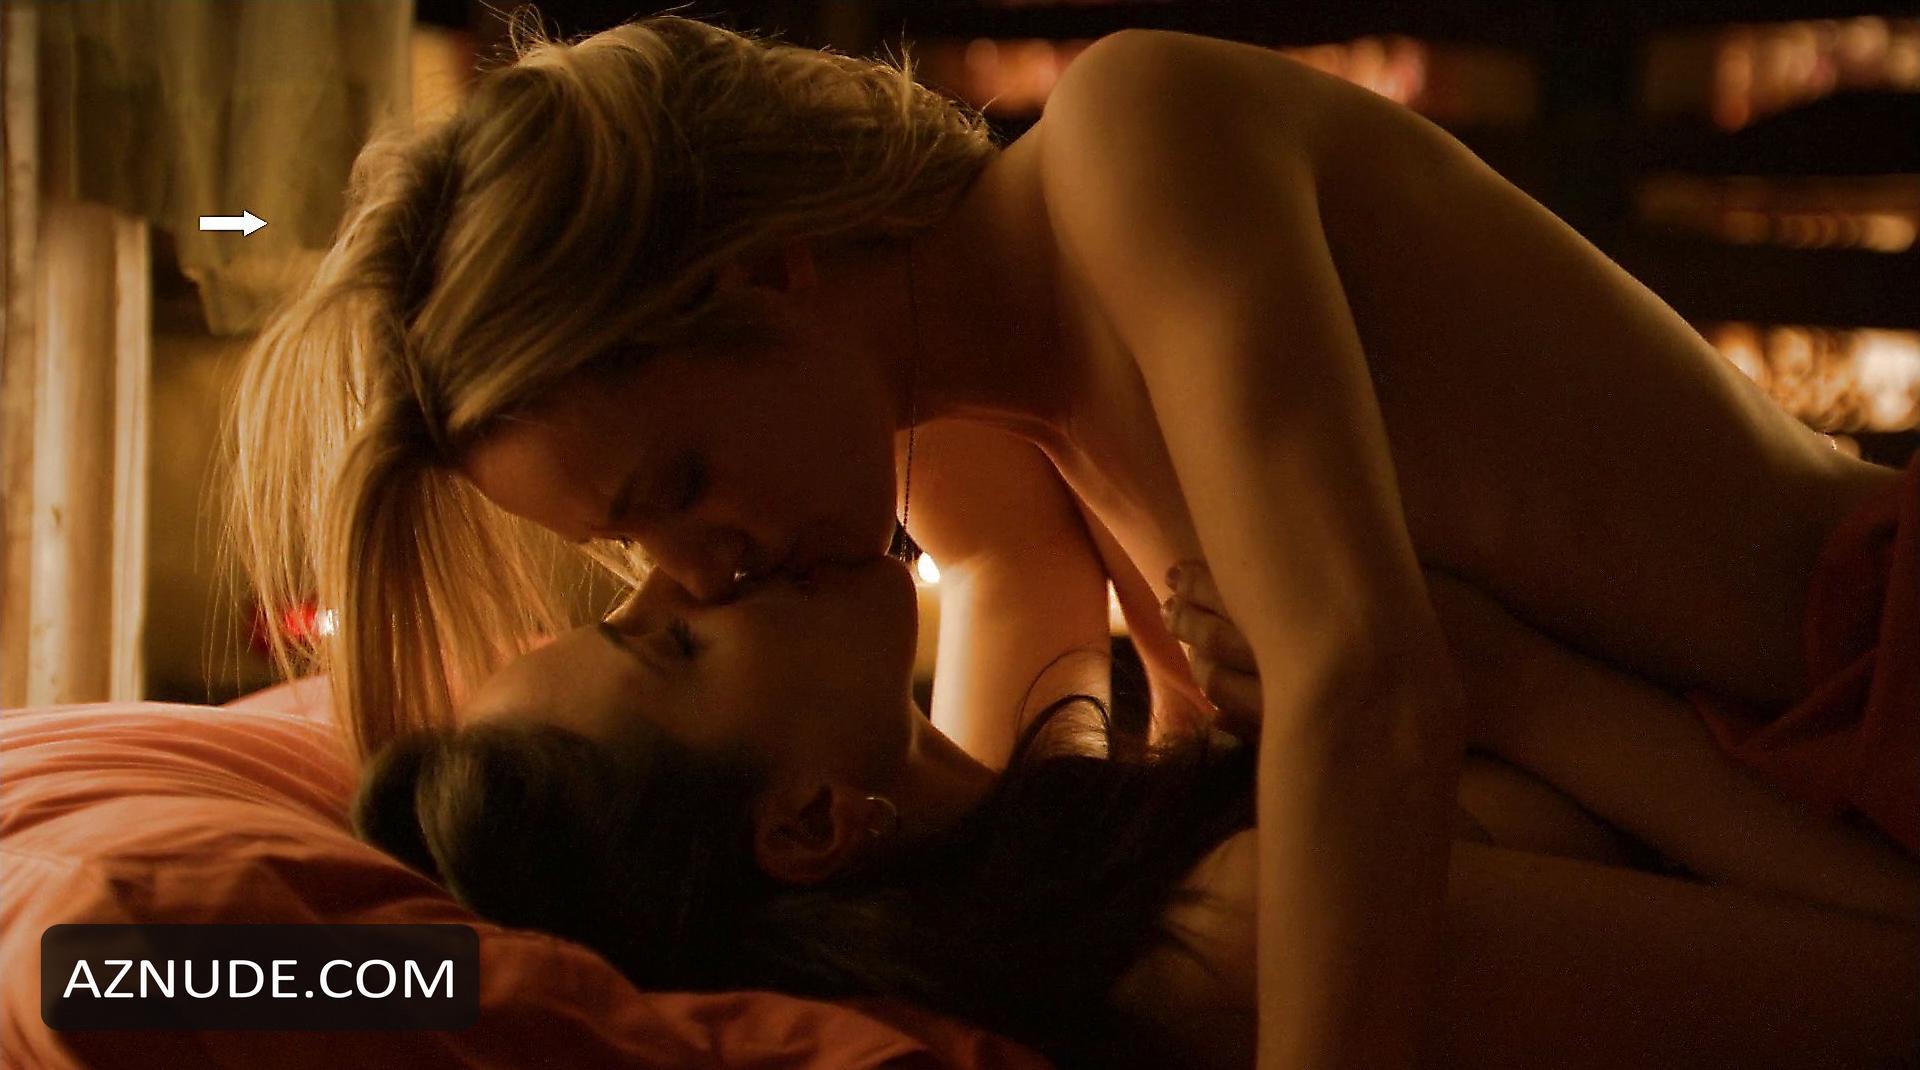 Интимные знакомства в минске  Секс знакомства  Интим